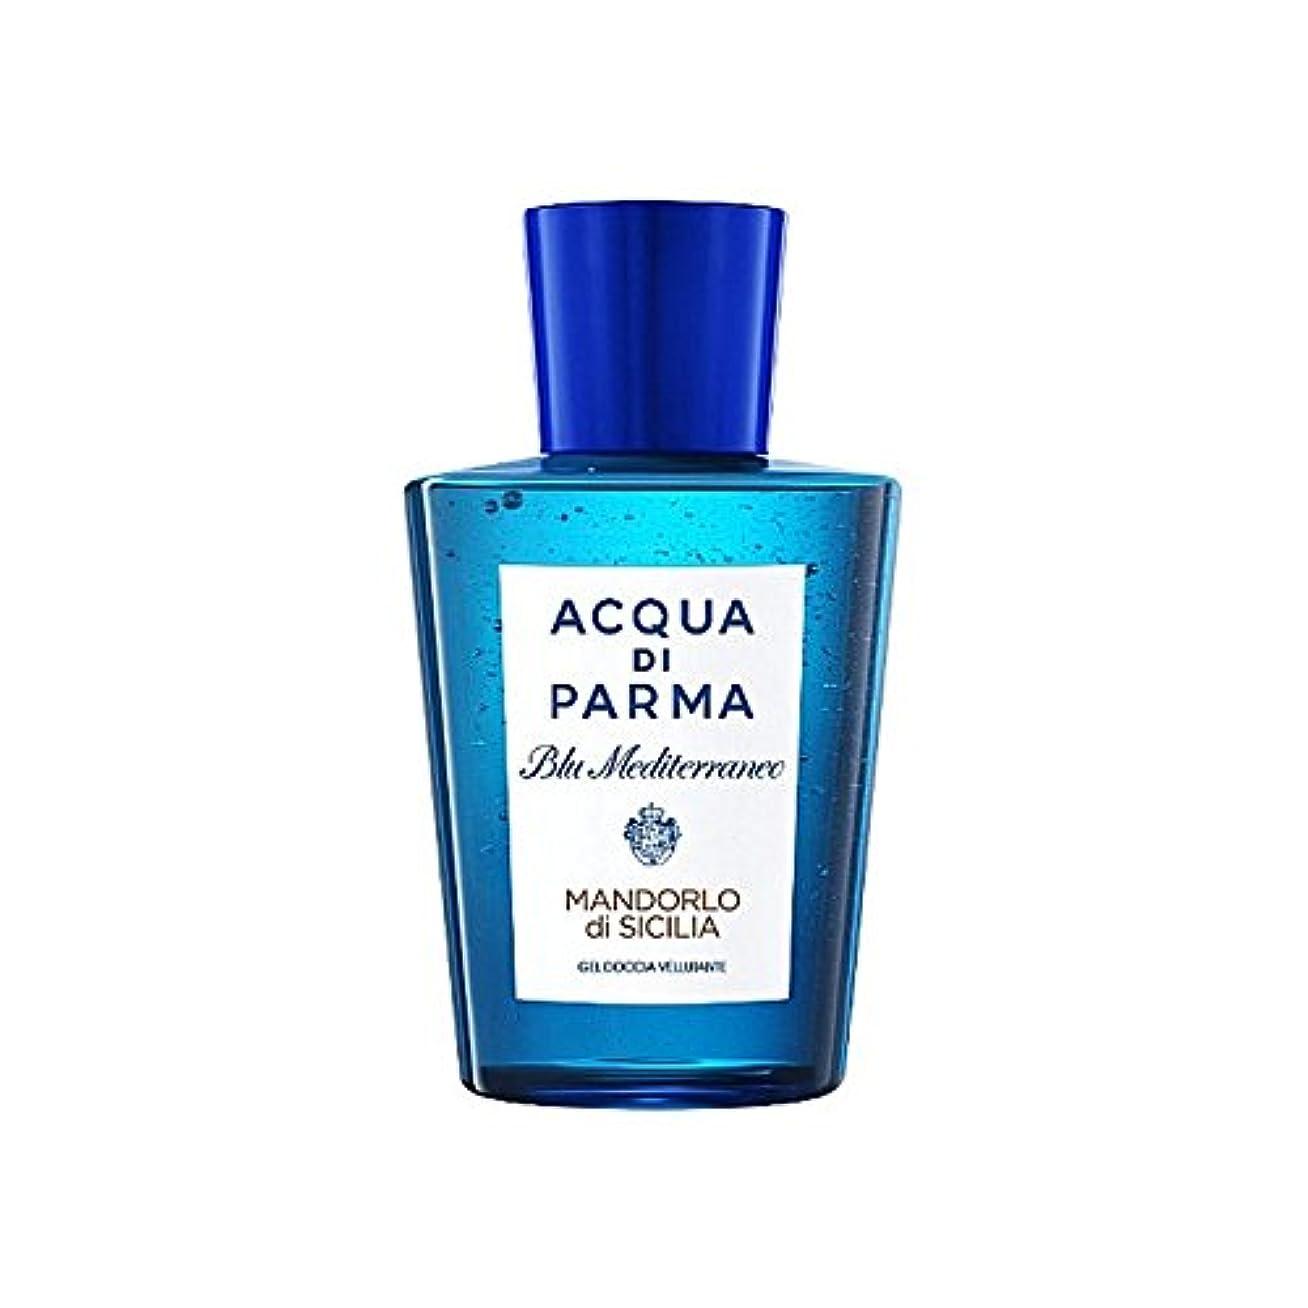 すみません魔法ホースAcqua Di Parma Blu Mediterraneo Mandorlo Di Sicilia Shower Gel 200ml (Pack of 6) - アクアディパルマブルーメディマンドルロディシチリアシャワージェル200 x6 [並行輸入品]